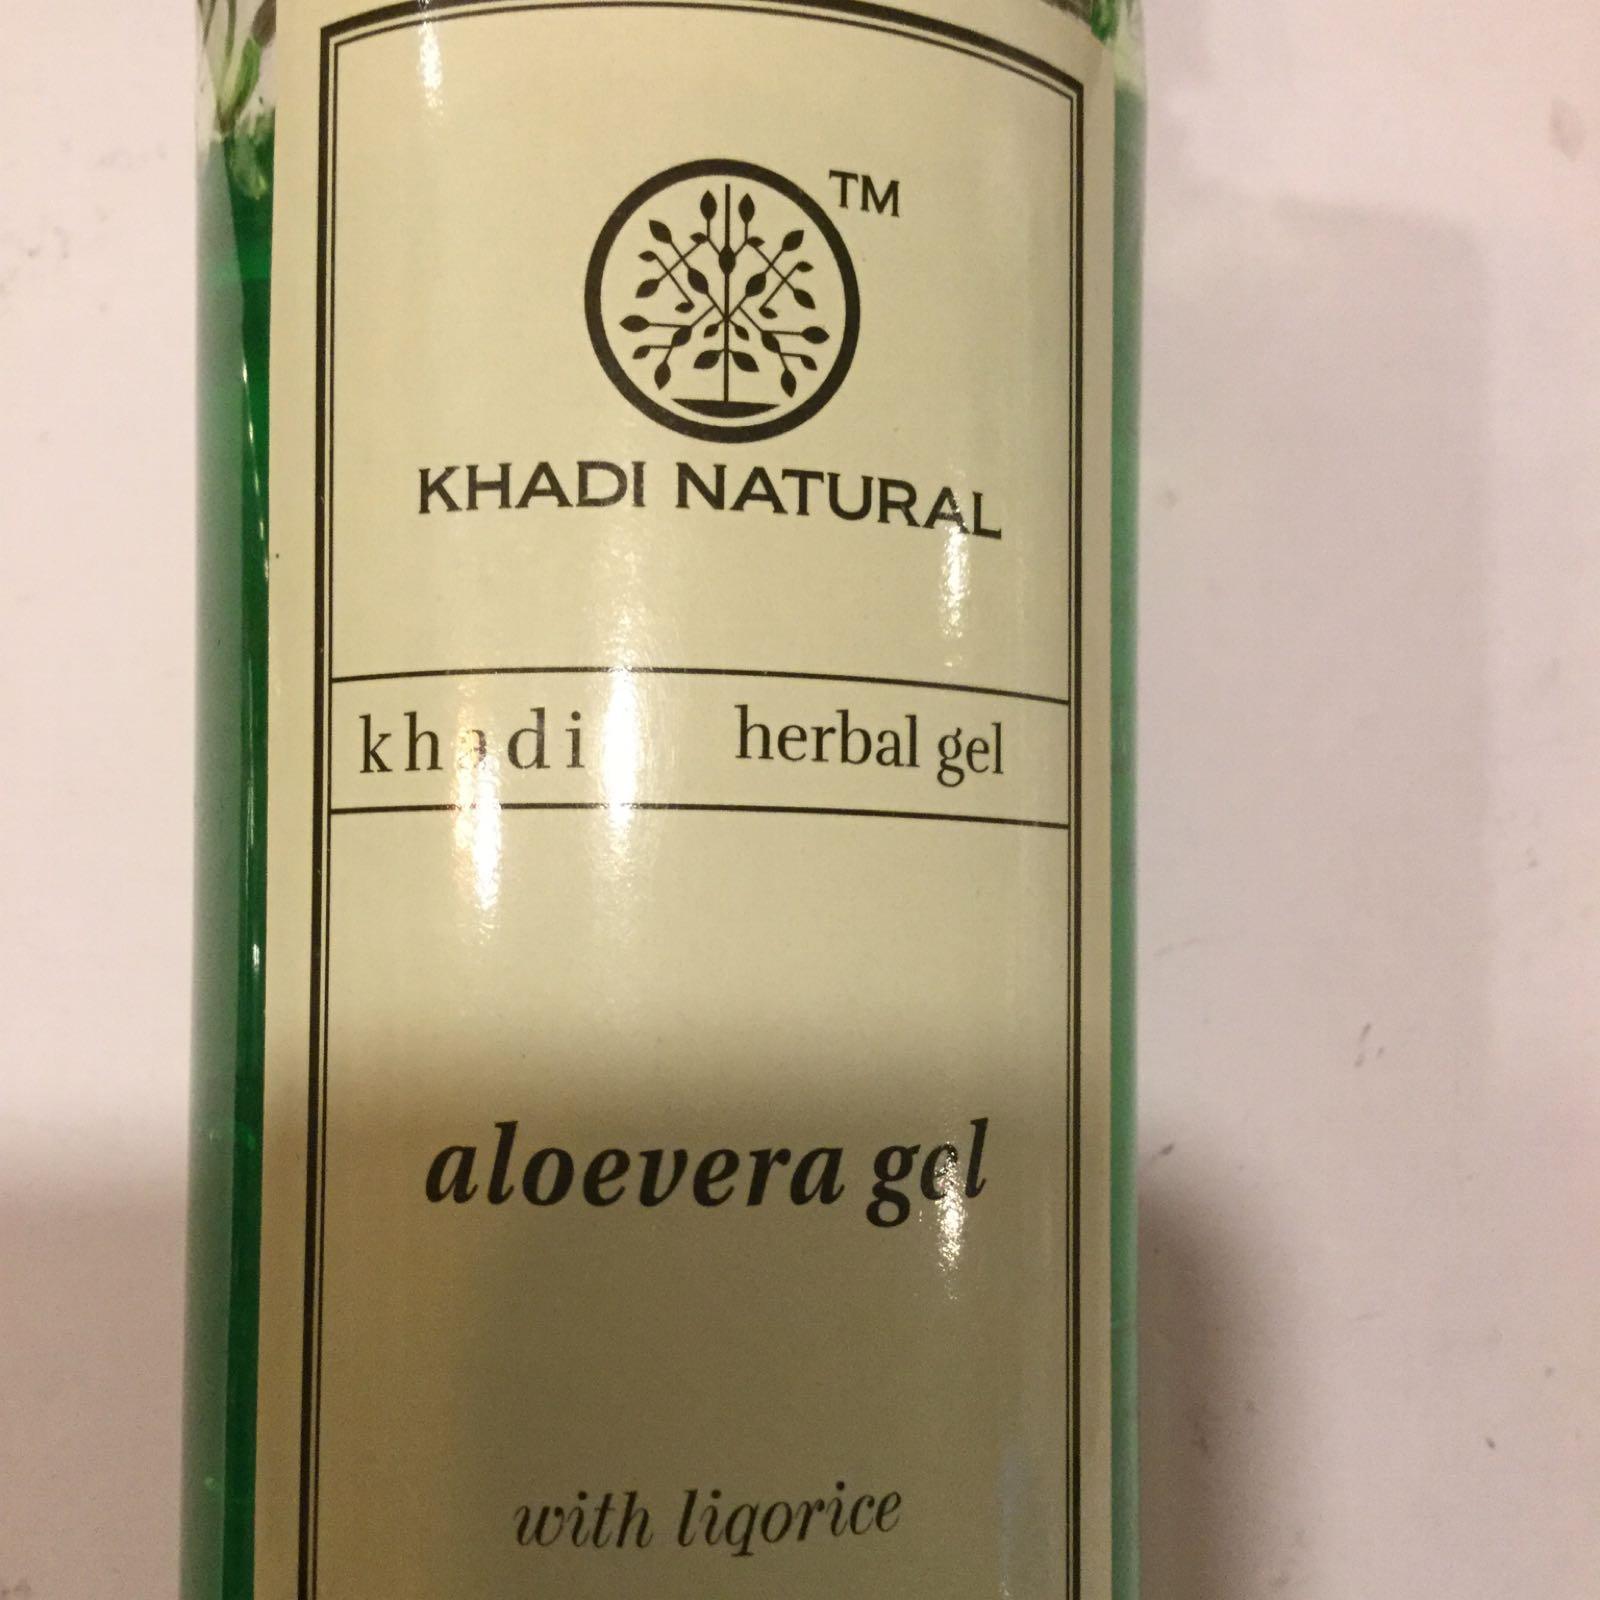 Khadi Aloe Vera gel